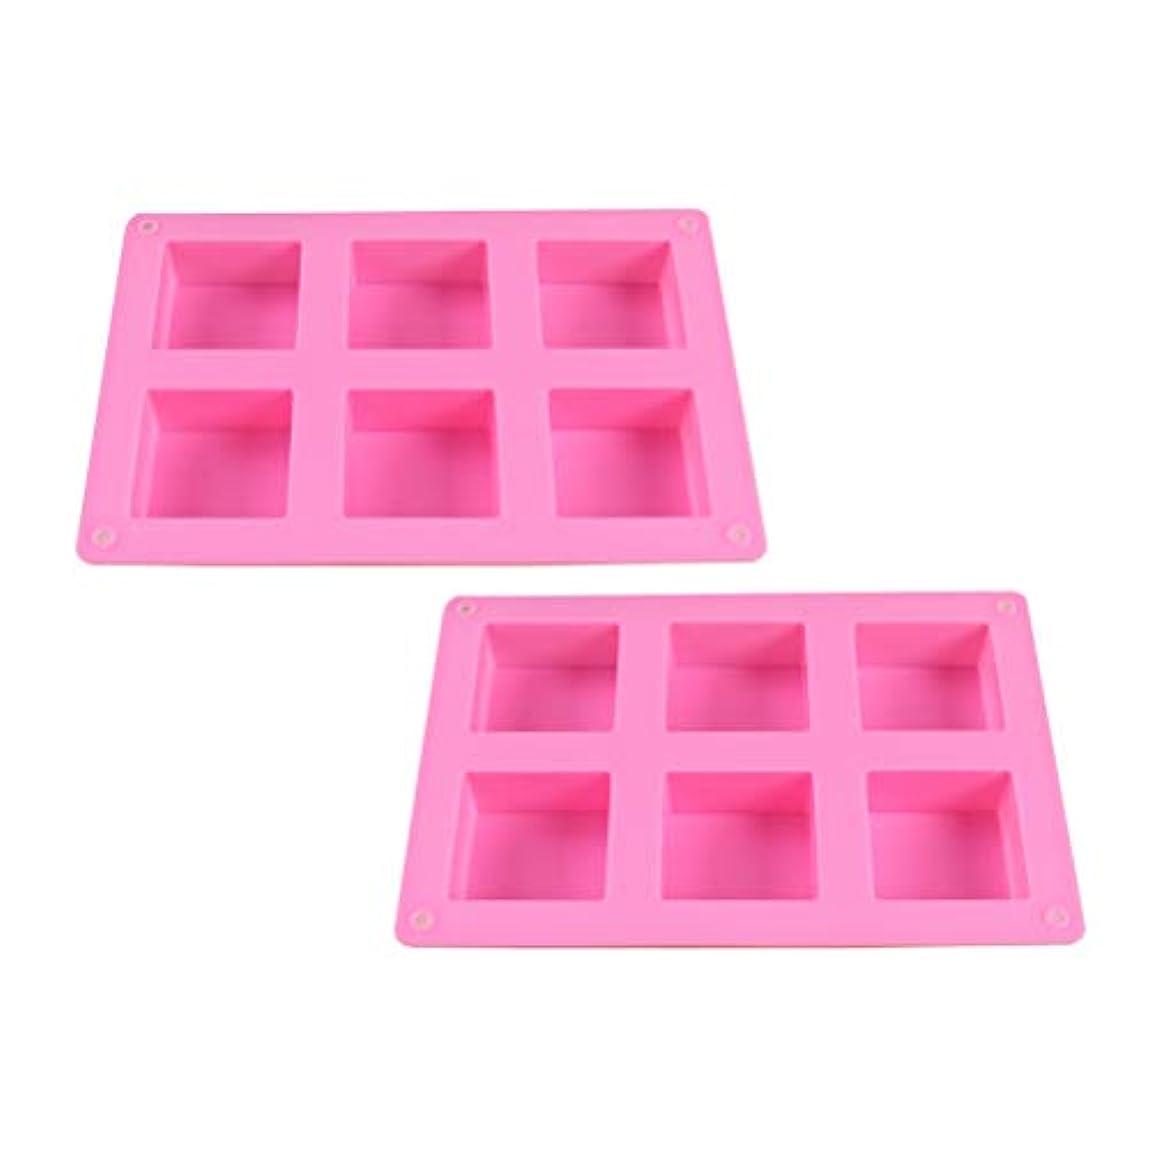 スリルパターン怒っているHEALIFTY DIYのケーキのベーキング型のための6つのキャビティシリコーンの石鹸型との石鹸作りのための2PCS石鹸型